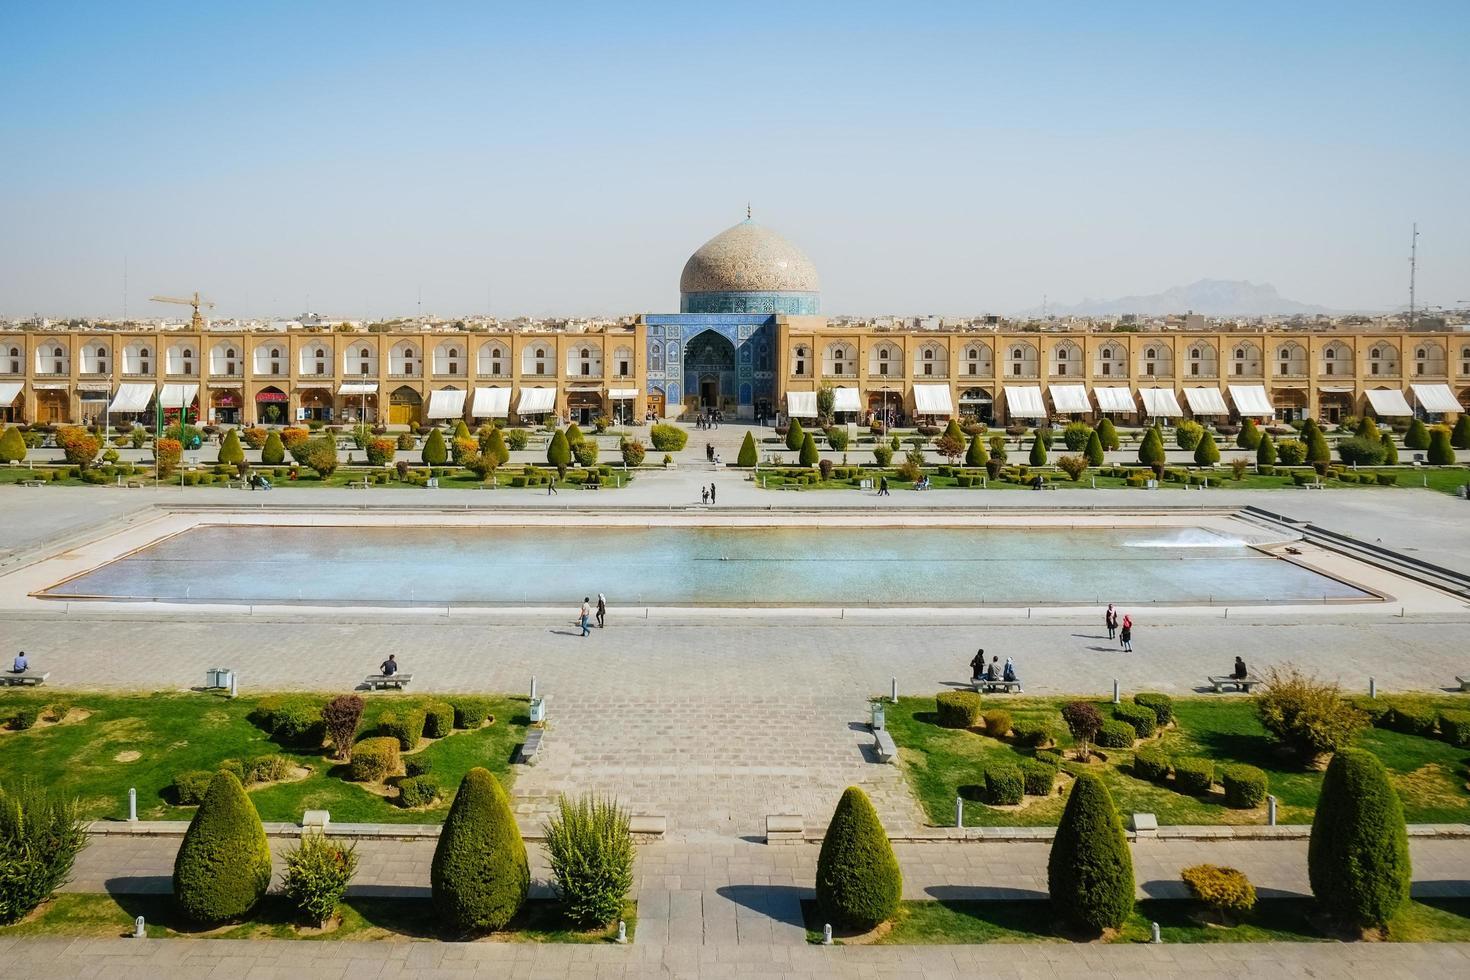 naqsh-e jahan square a isfahan, iran. foto